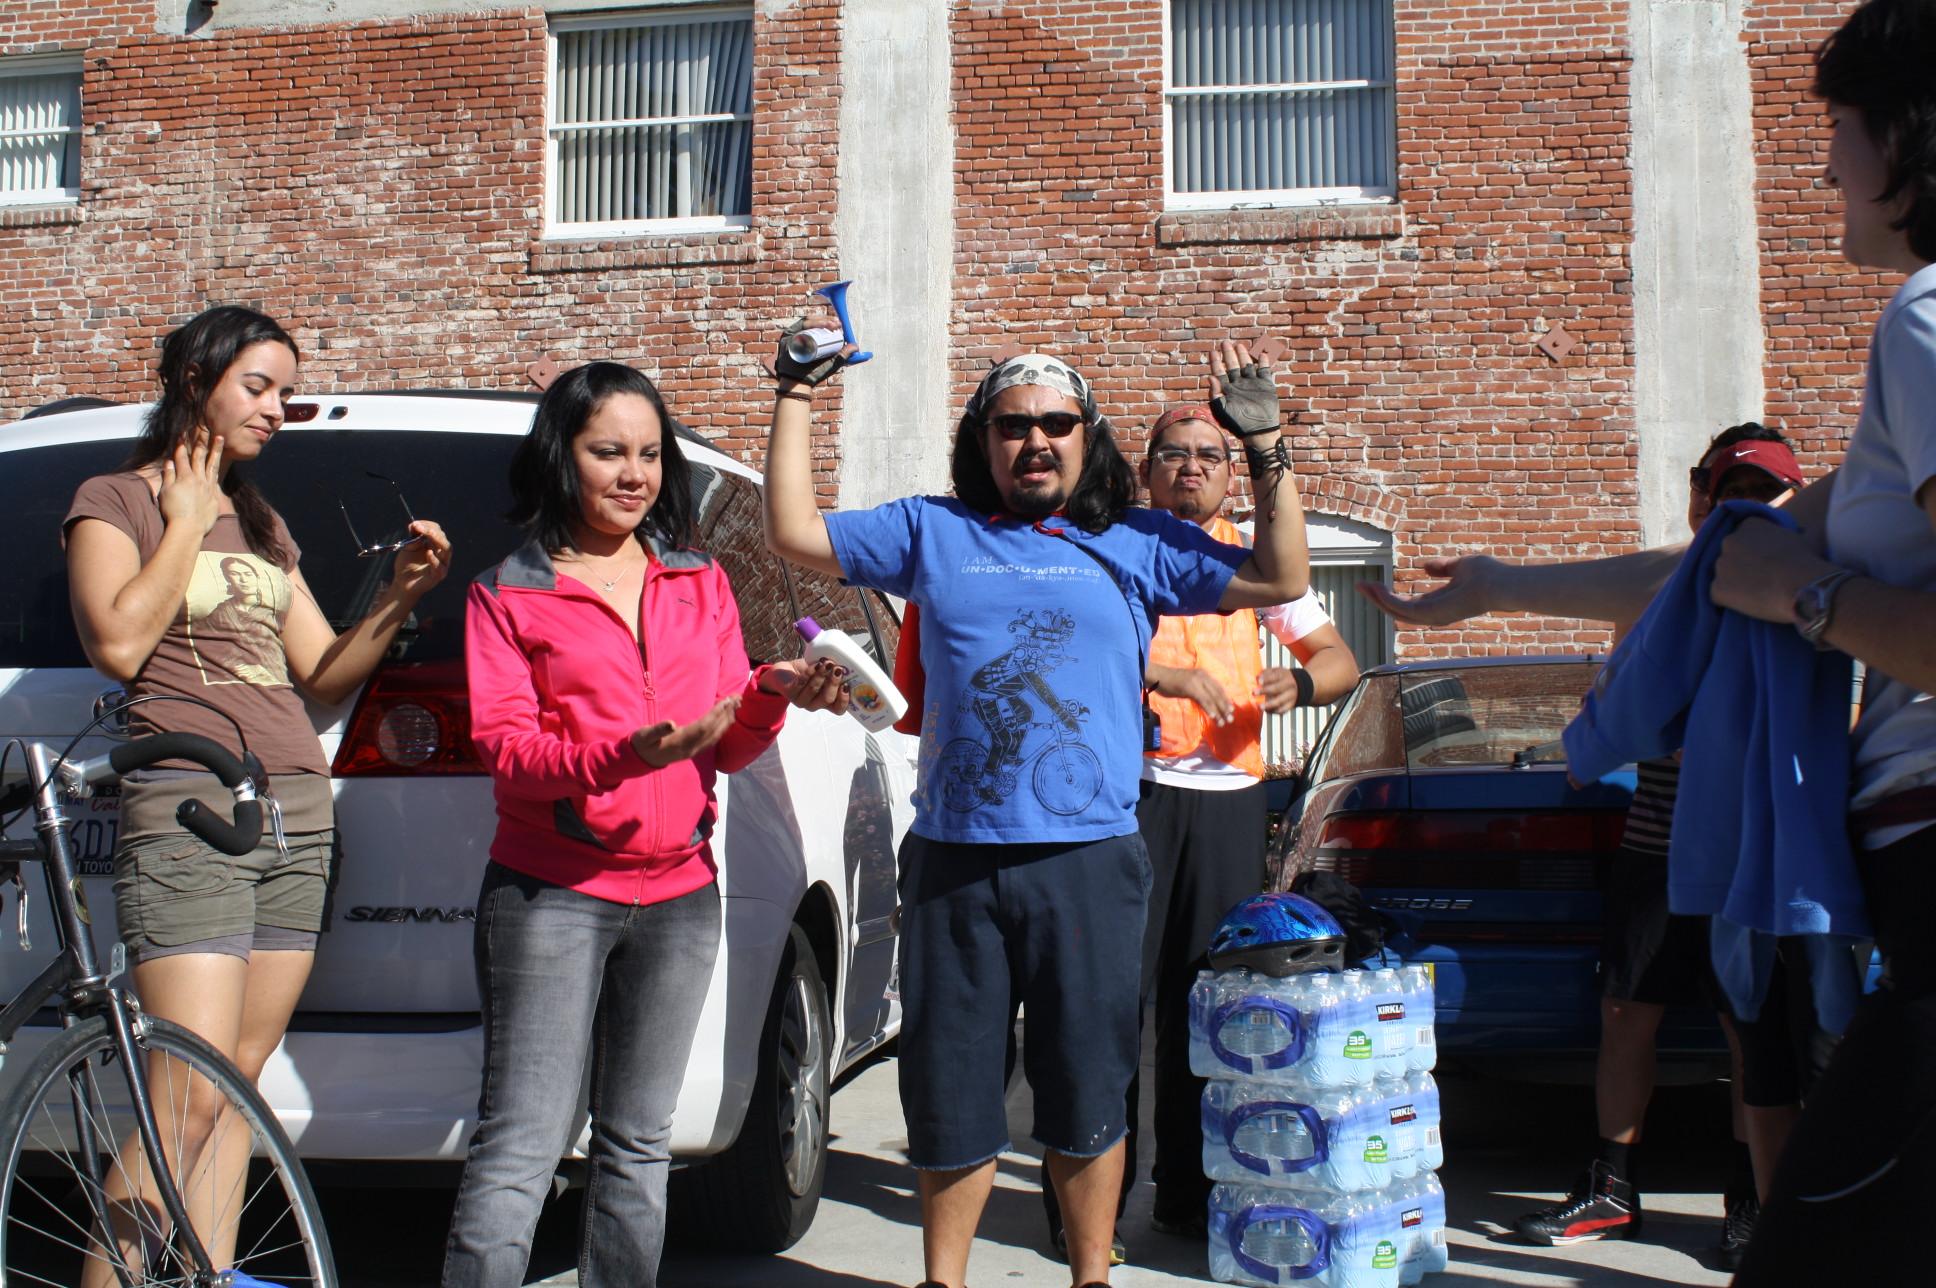 """Erick Huerta, azul, y Yenni Díaz, rosa, fueron dos de los organizadores del evento """"OC Dream Act Riders 2012"""" que por segundo año consecutivo reúne a más de 100 ciclistas. (Foto Agustín Durán/ El Pasajero)"""